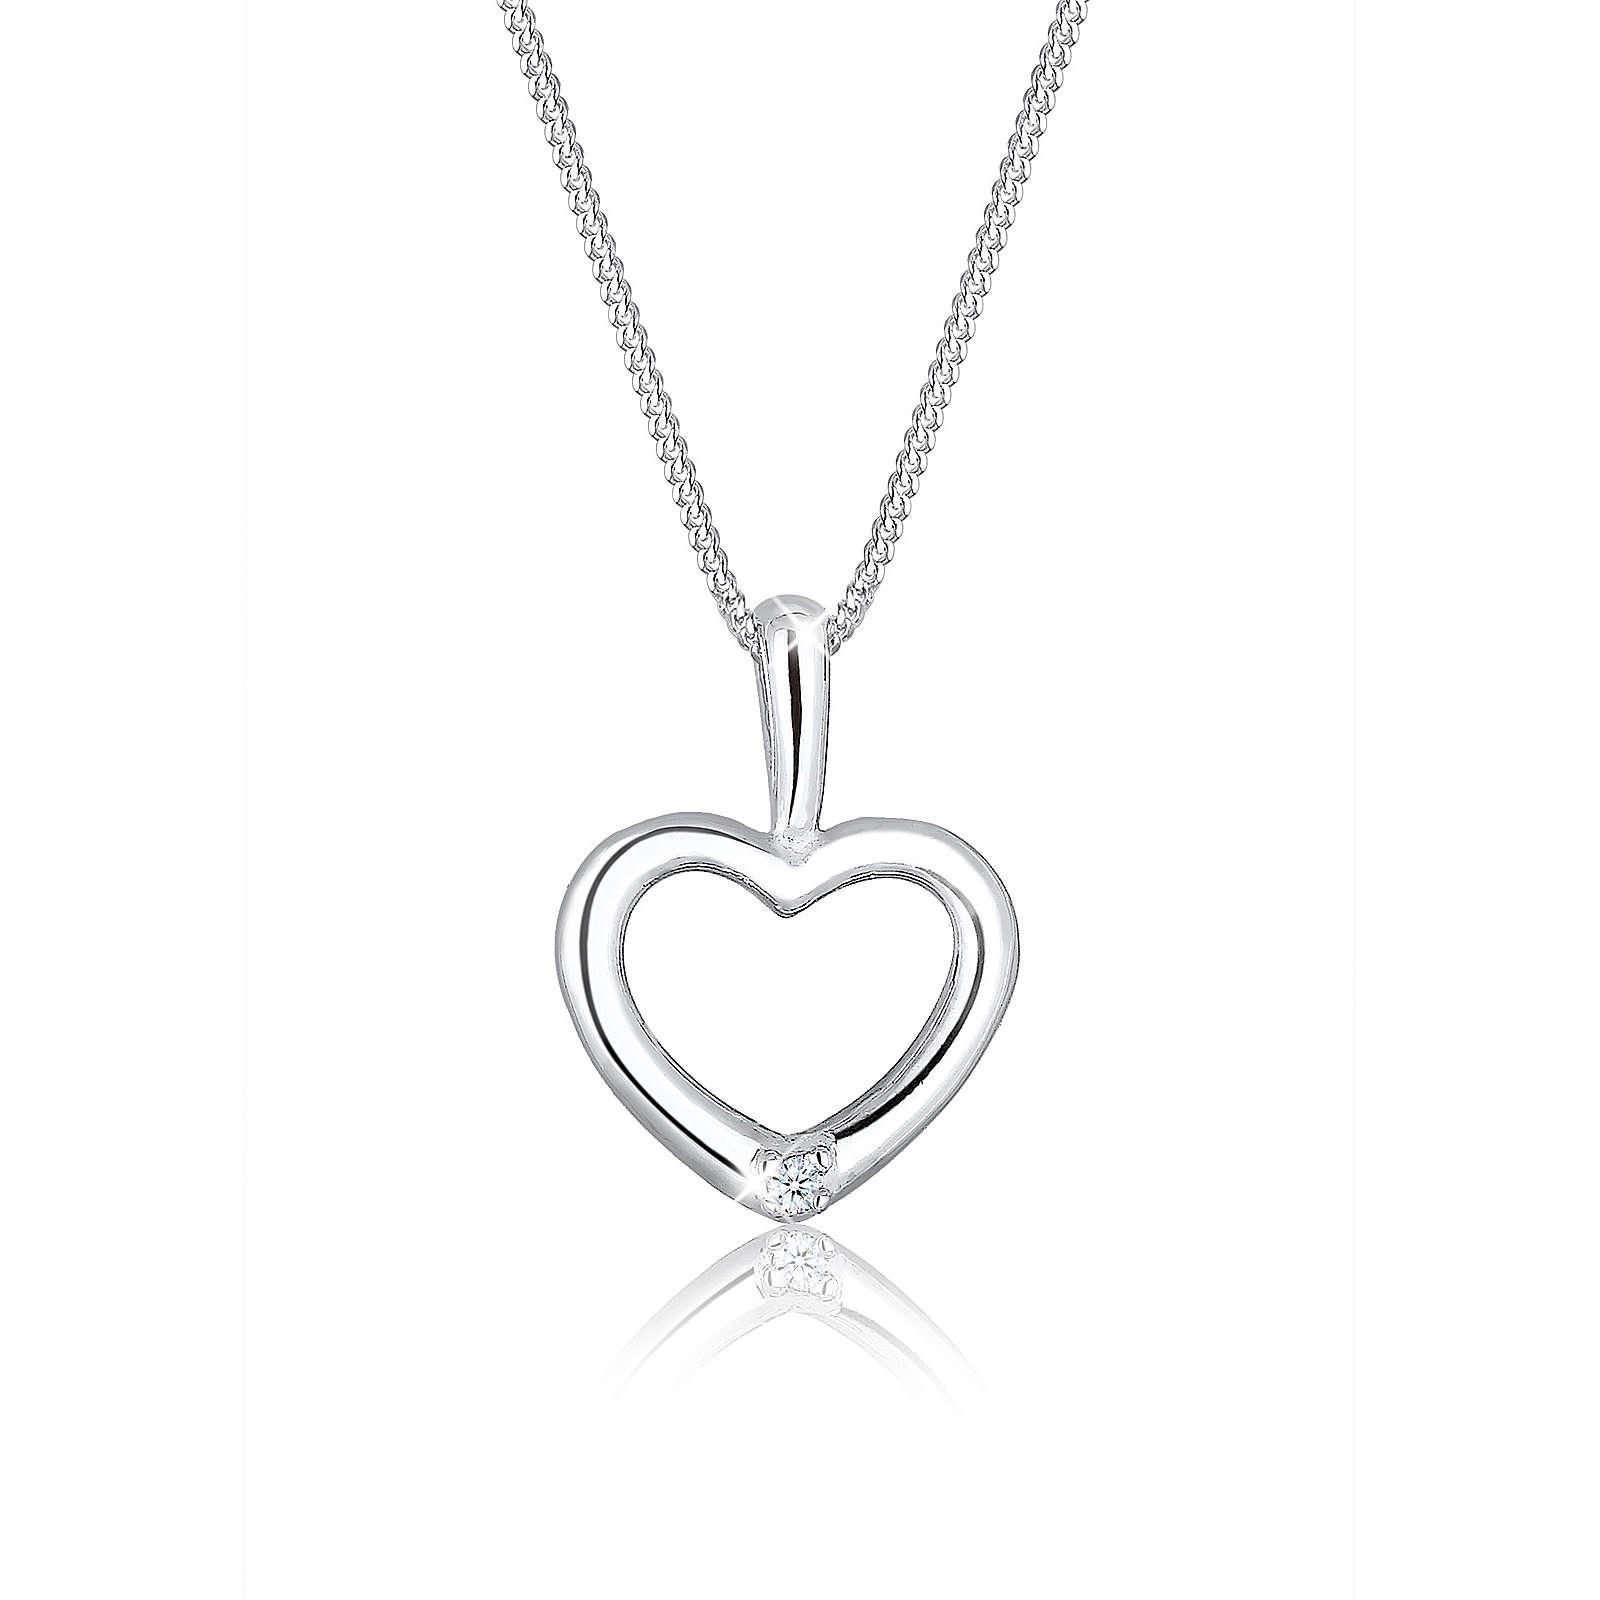 Diamore Halskette Herz Filigran Diamant (0.02 ct.) 925 Silber Halsketten weiß Damen Gr. one size